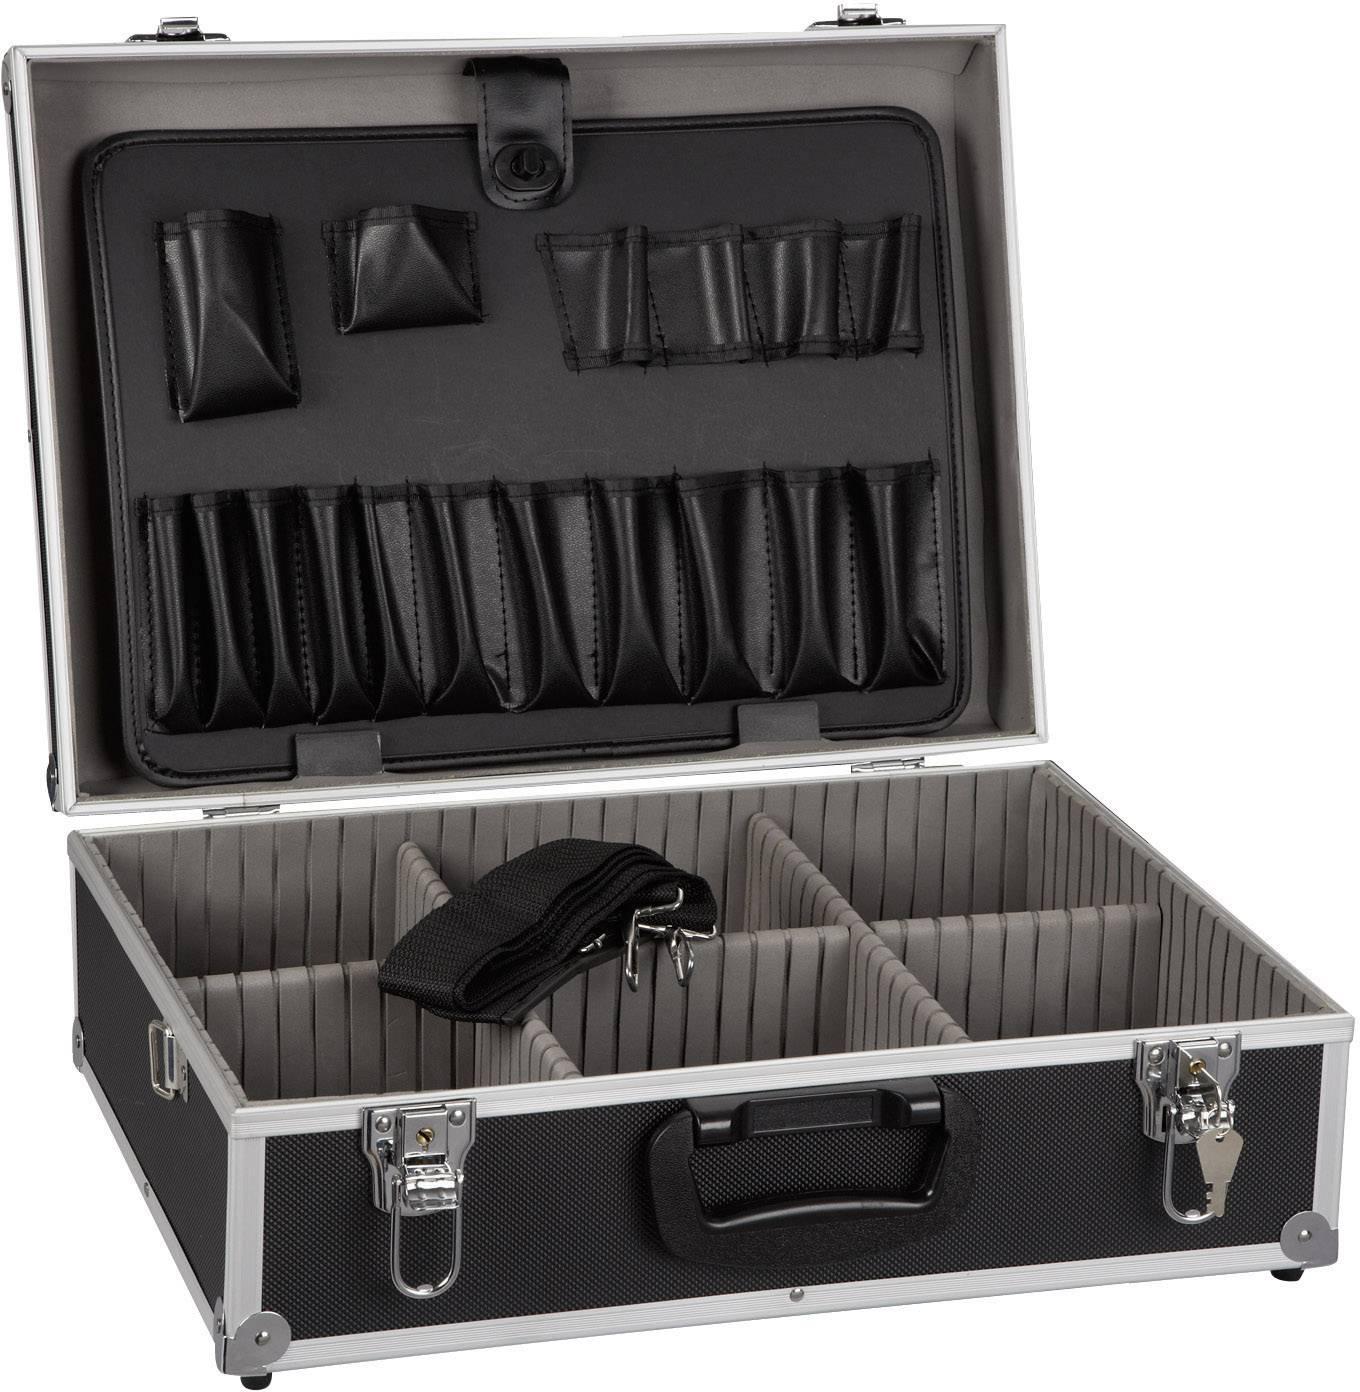 Hliníkový kufrík na náradie Alutec 61200, (š x v x h) 460 x 165 x 360 mm